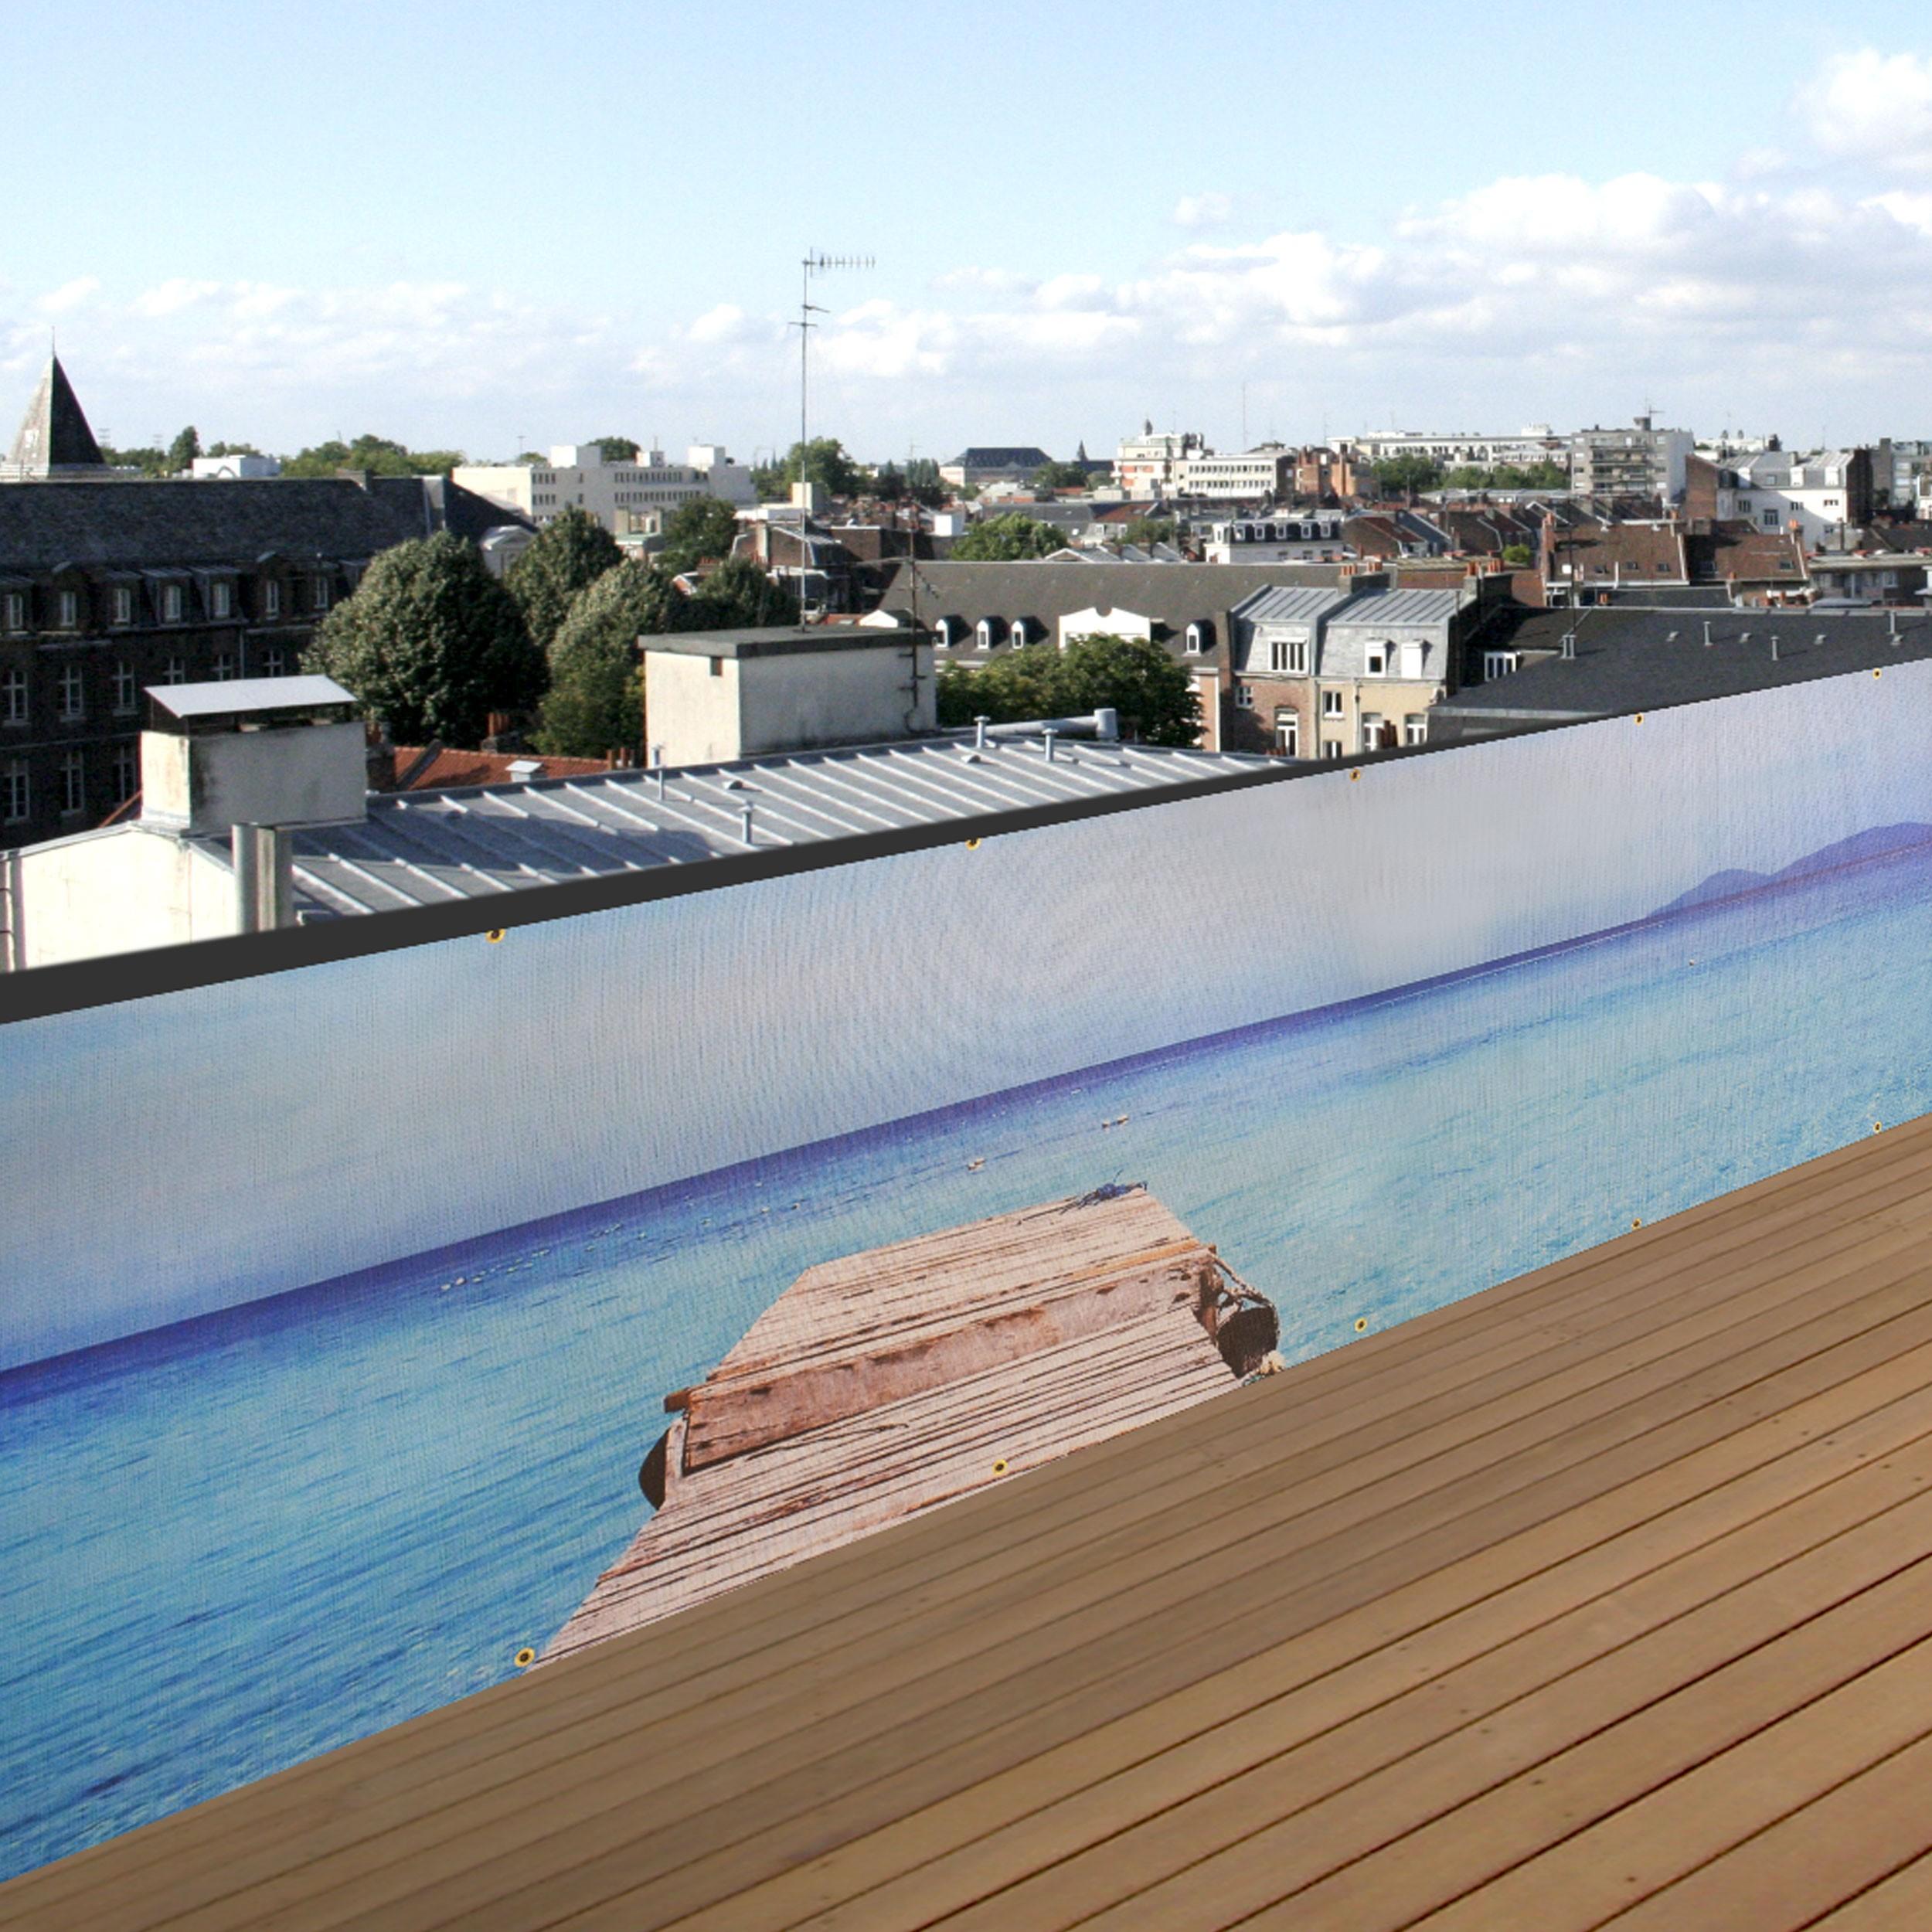 brise vue de jardin ponton choisissez nos brise vue de jardin ponton rdv d co. Black Bedroom Furniture Sets. Home Design Ideas